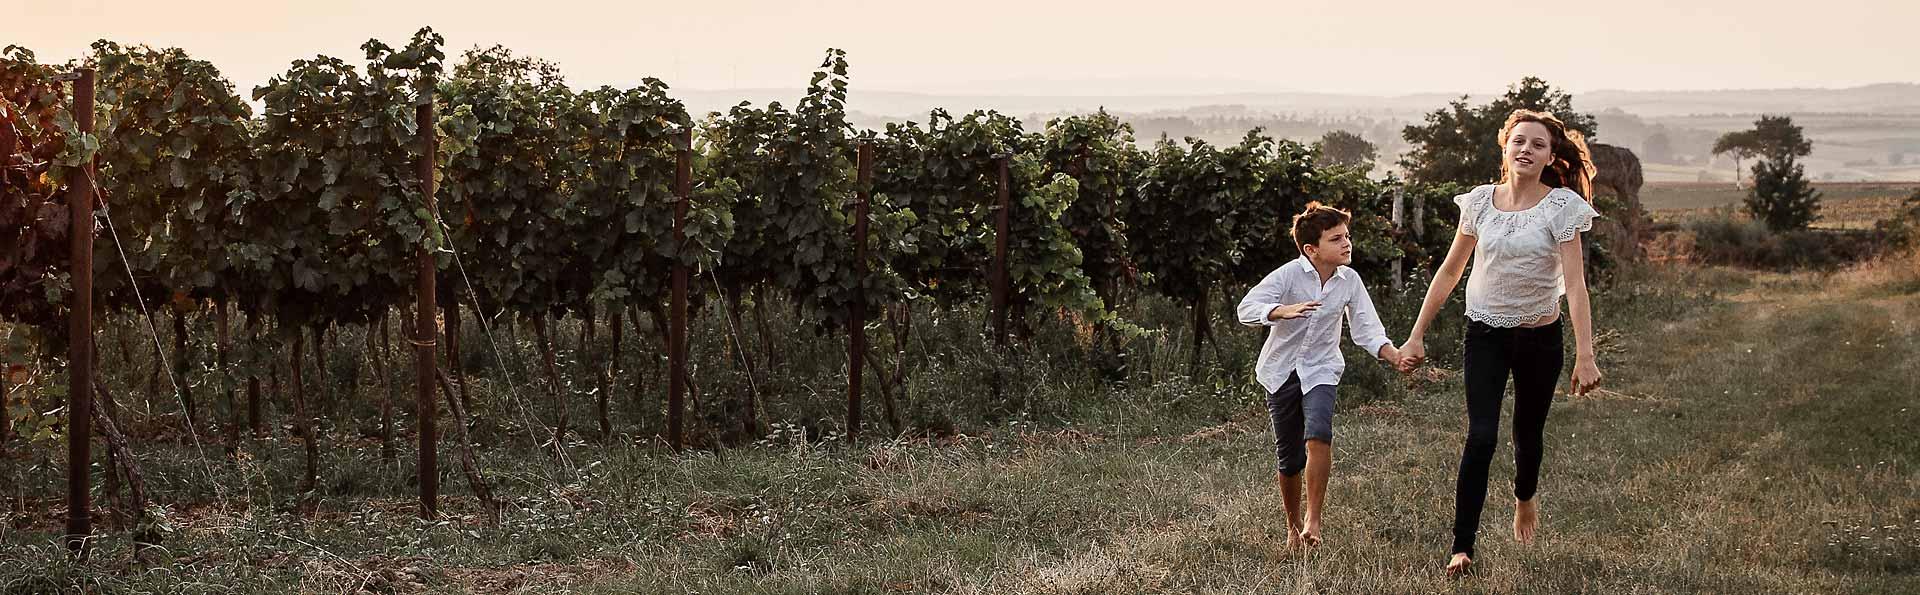 Weingut Ernst Semmler - Kinder im Weingarten